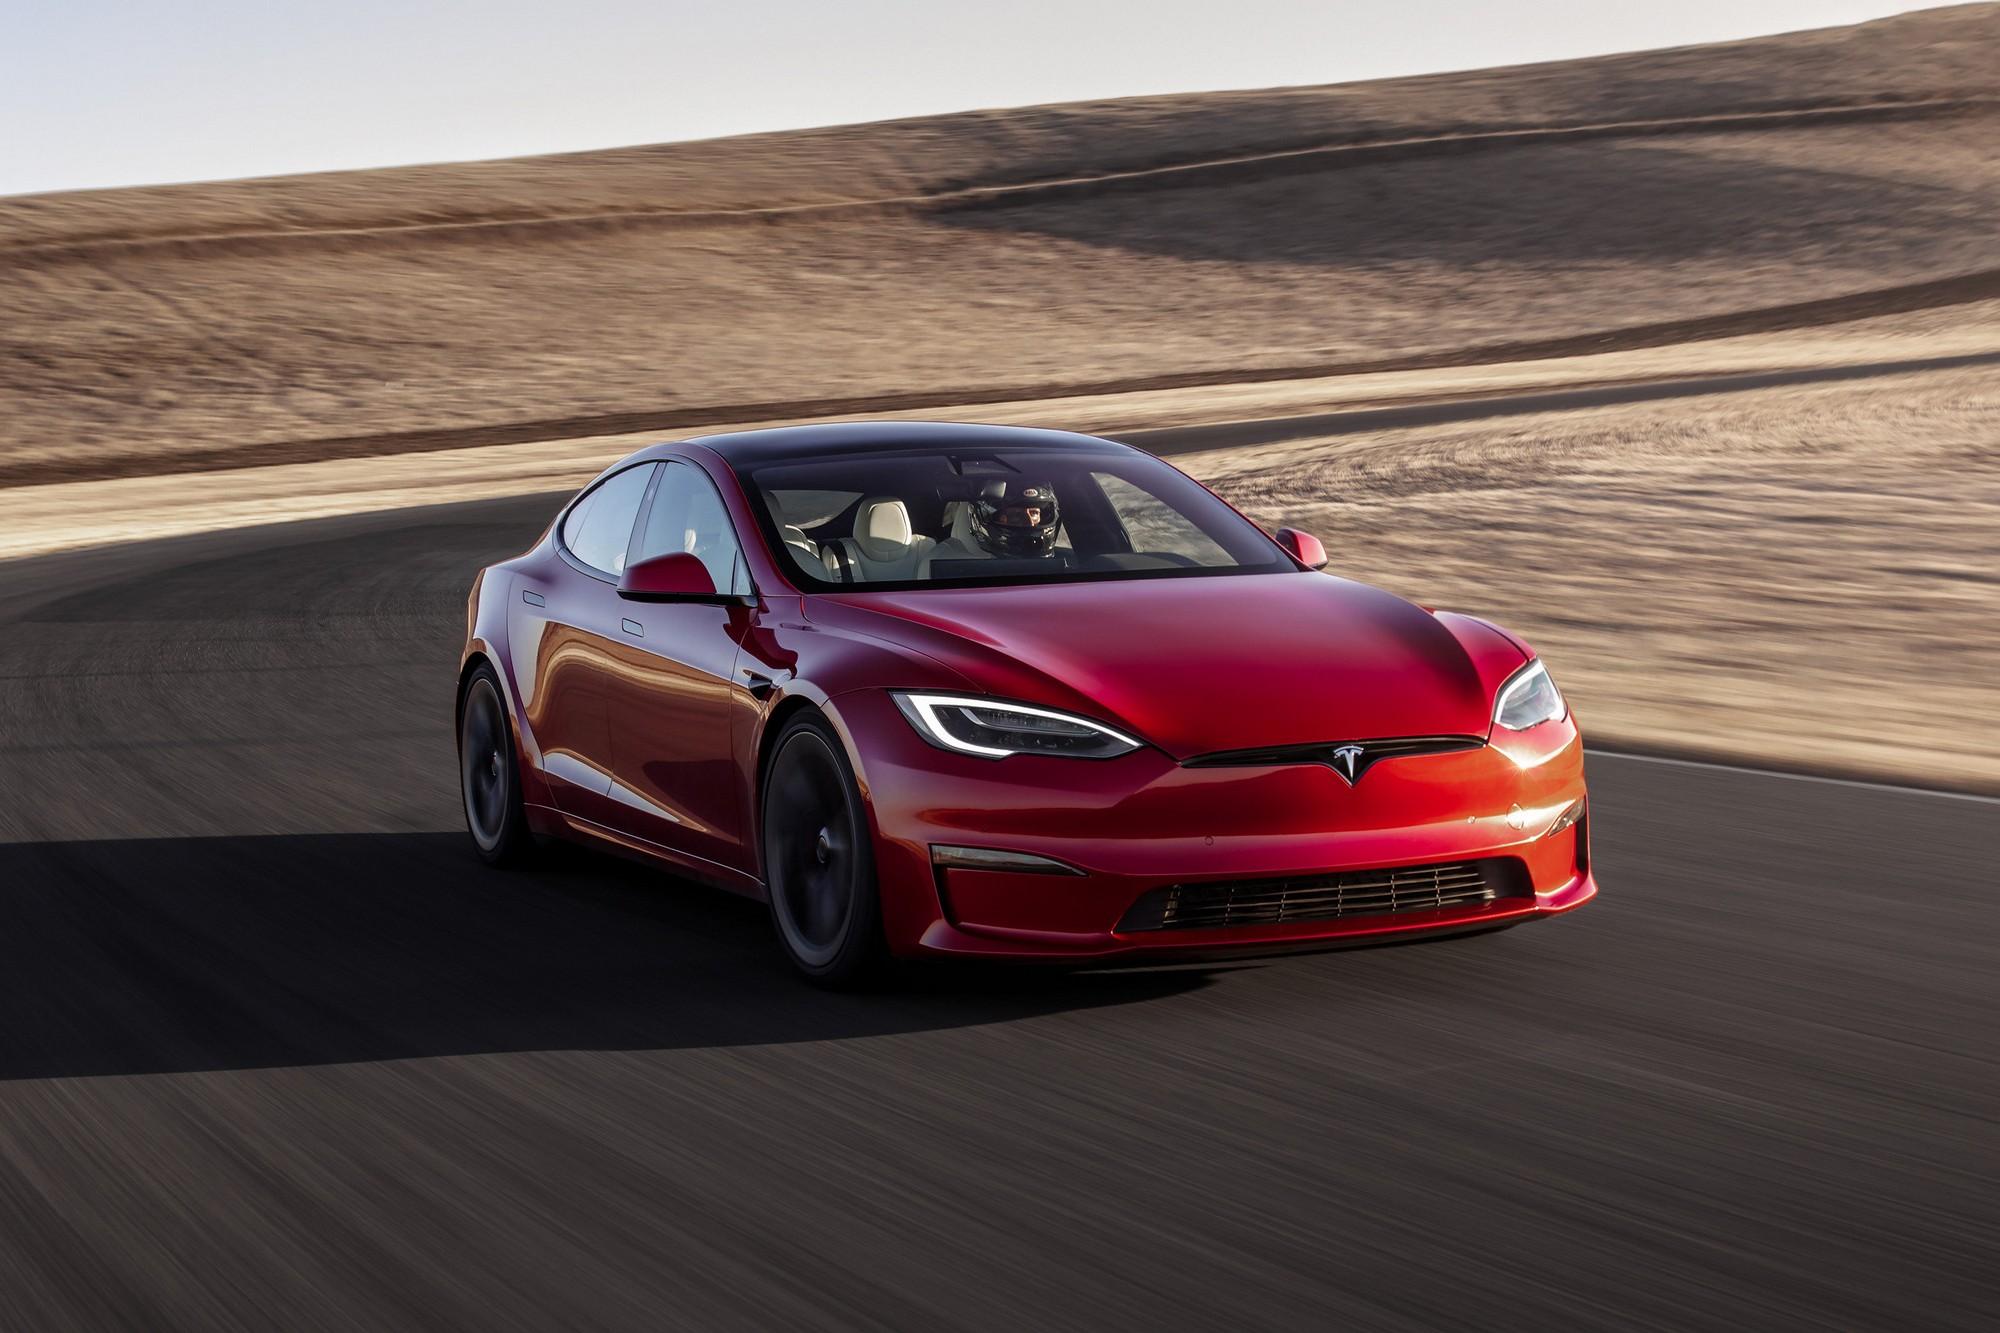 Tesla Model S Plaid установил новый рекорд трассы Нюрбургринг для серийных электромобилей, пройдя круг за 7:30 со средней скоростью 166 км/ч [видео] - ITC.ua